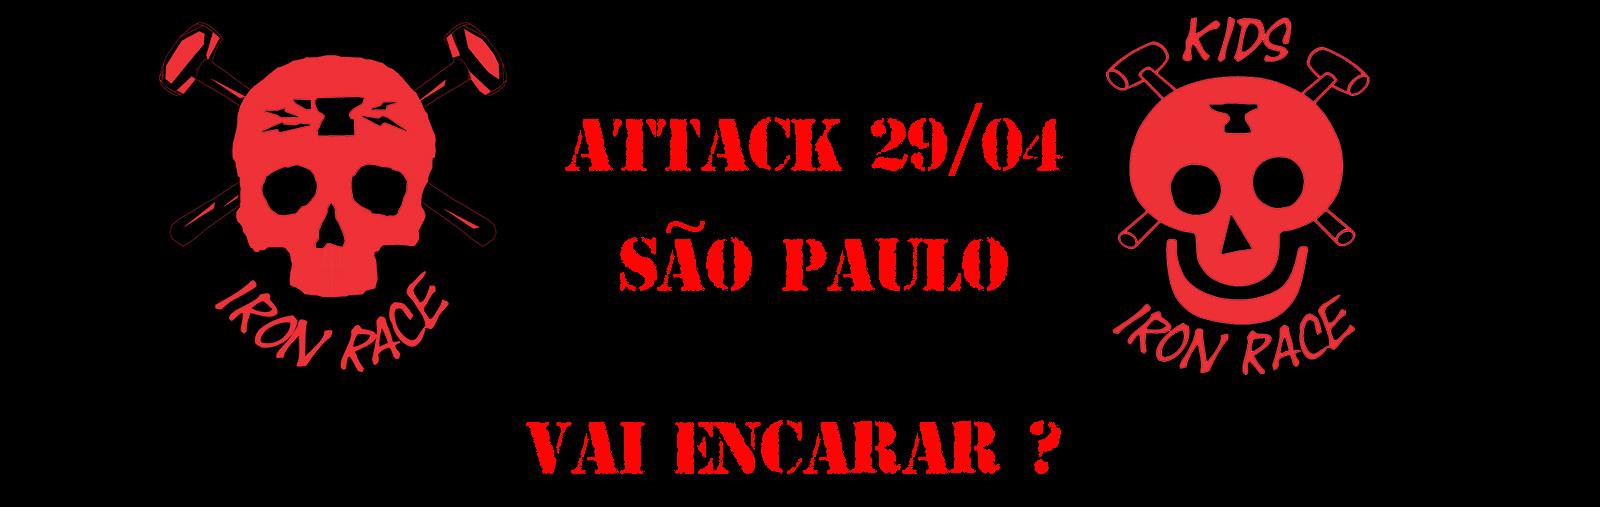 IRON RACE ATTACK - SÃO PAULO - Imagem de topo